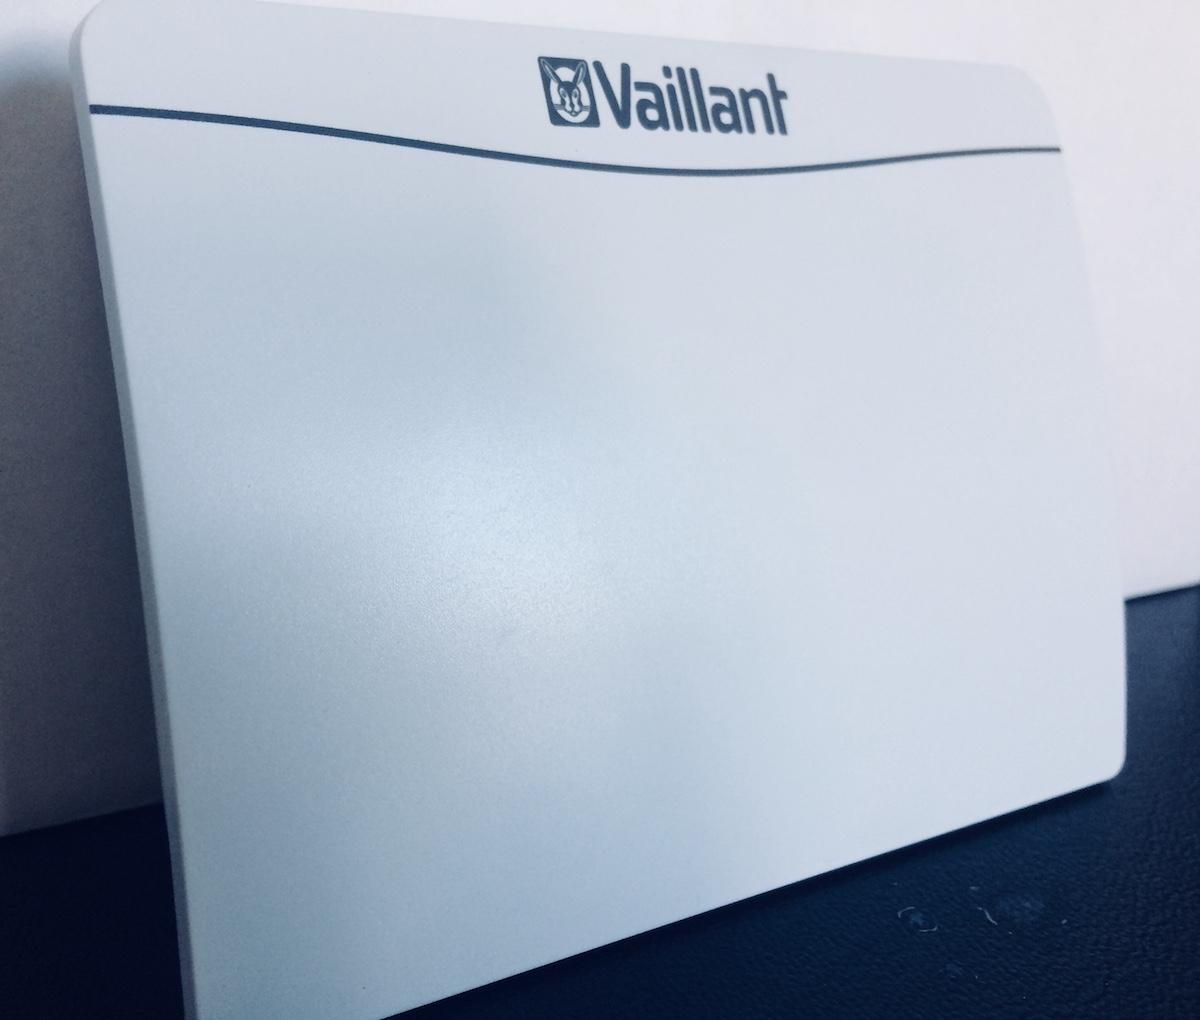 Mobile Heizungssteuerung Mit Vaillant Vr920 - Anleitung Und Montage